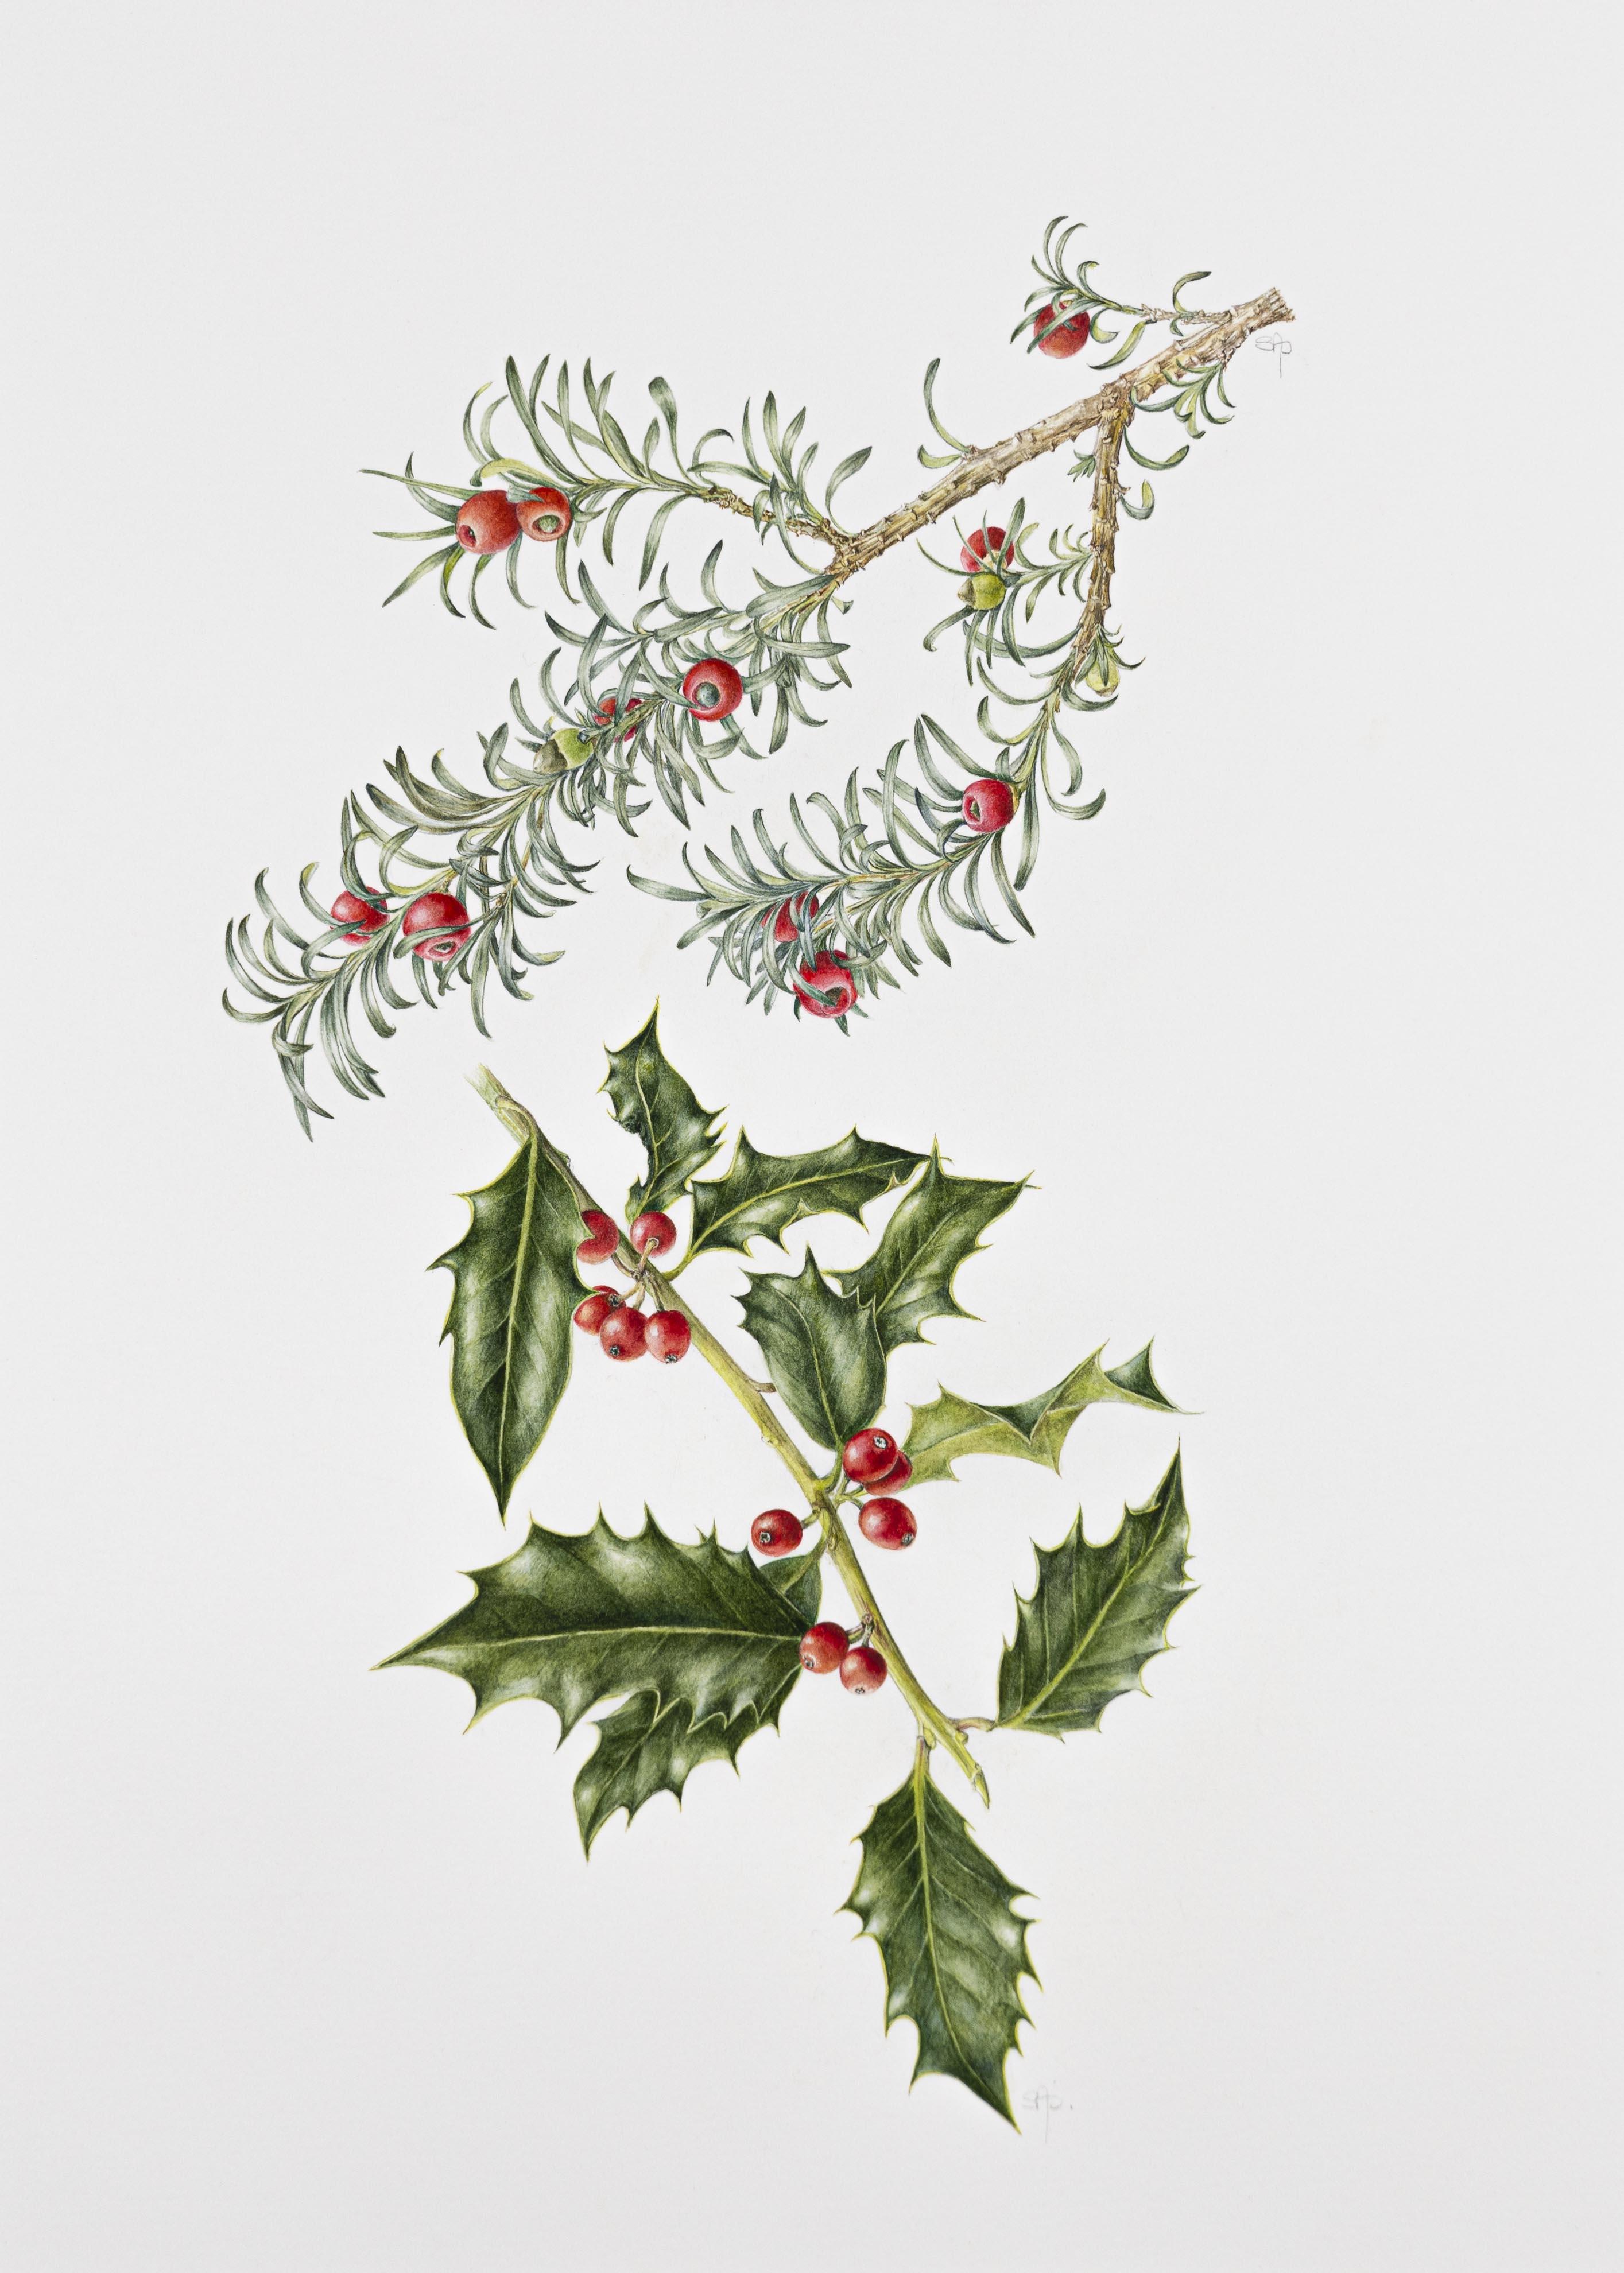 Ilex aquifolium and Taxus baccata